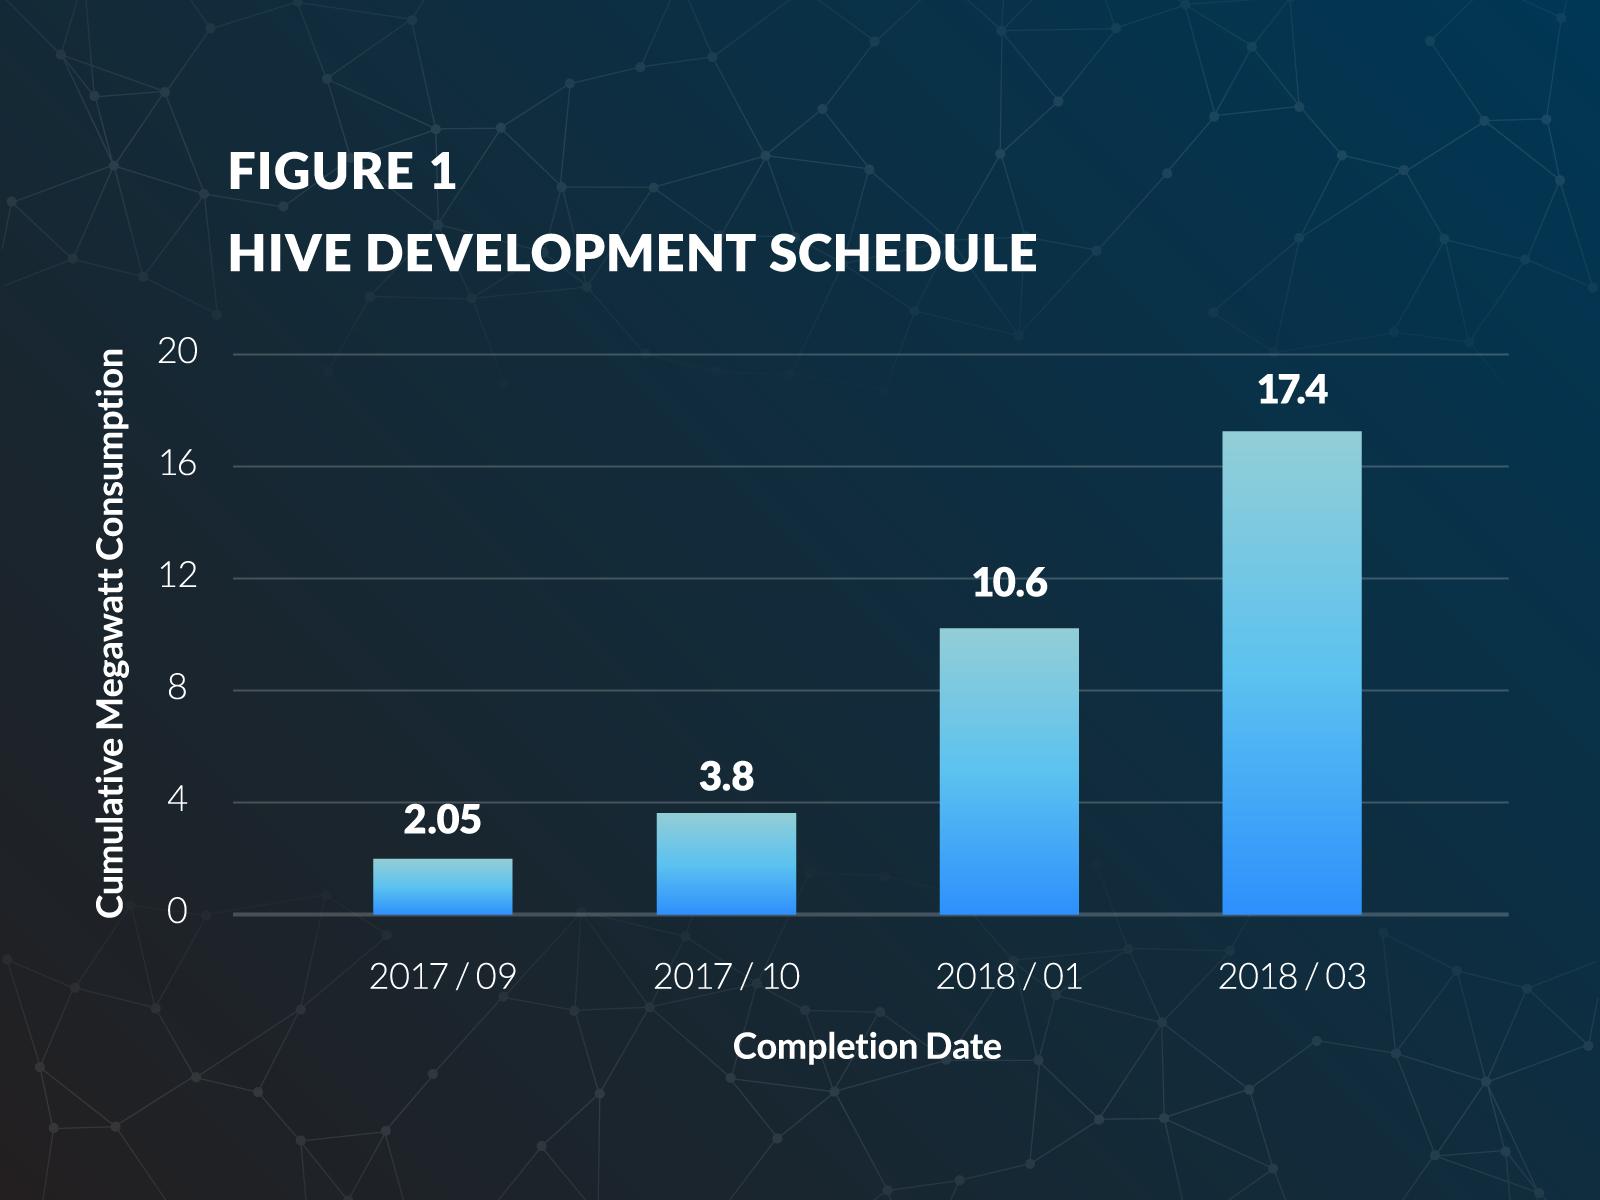 hive_entwicklungsplan_bis_2018-03.png